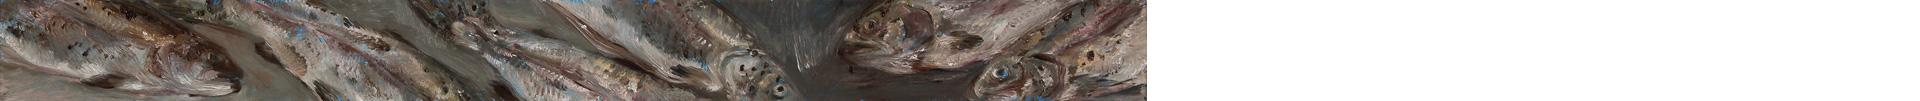 Forellen (kürzer), Öl auf MDF, 2019, 8 x 90 cm